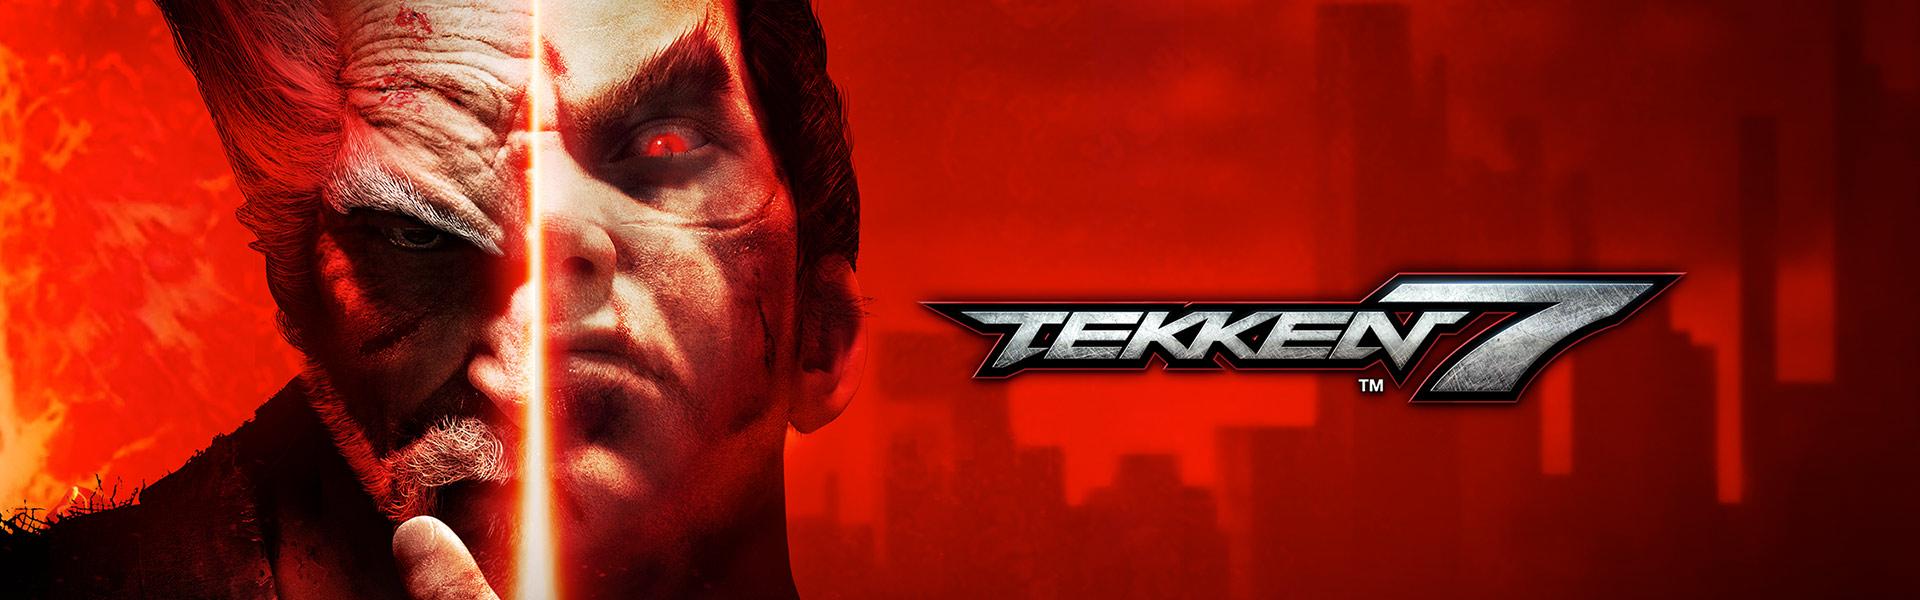 Charaktere aus Tekken7